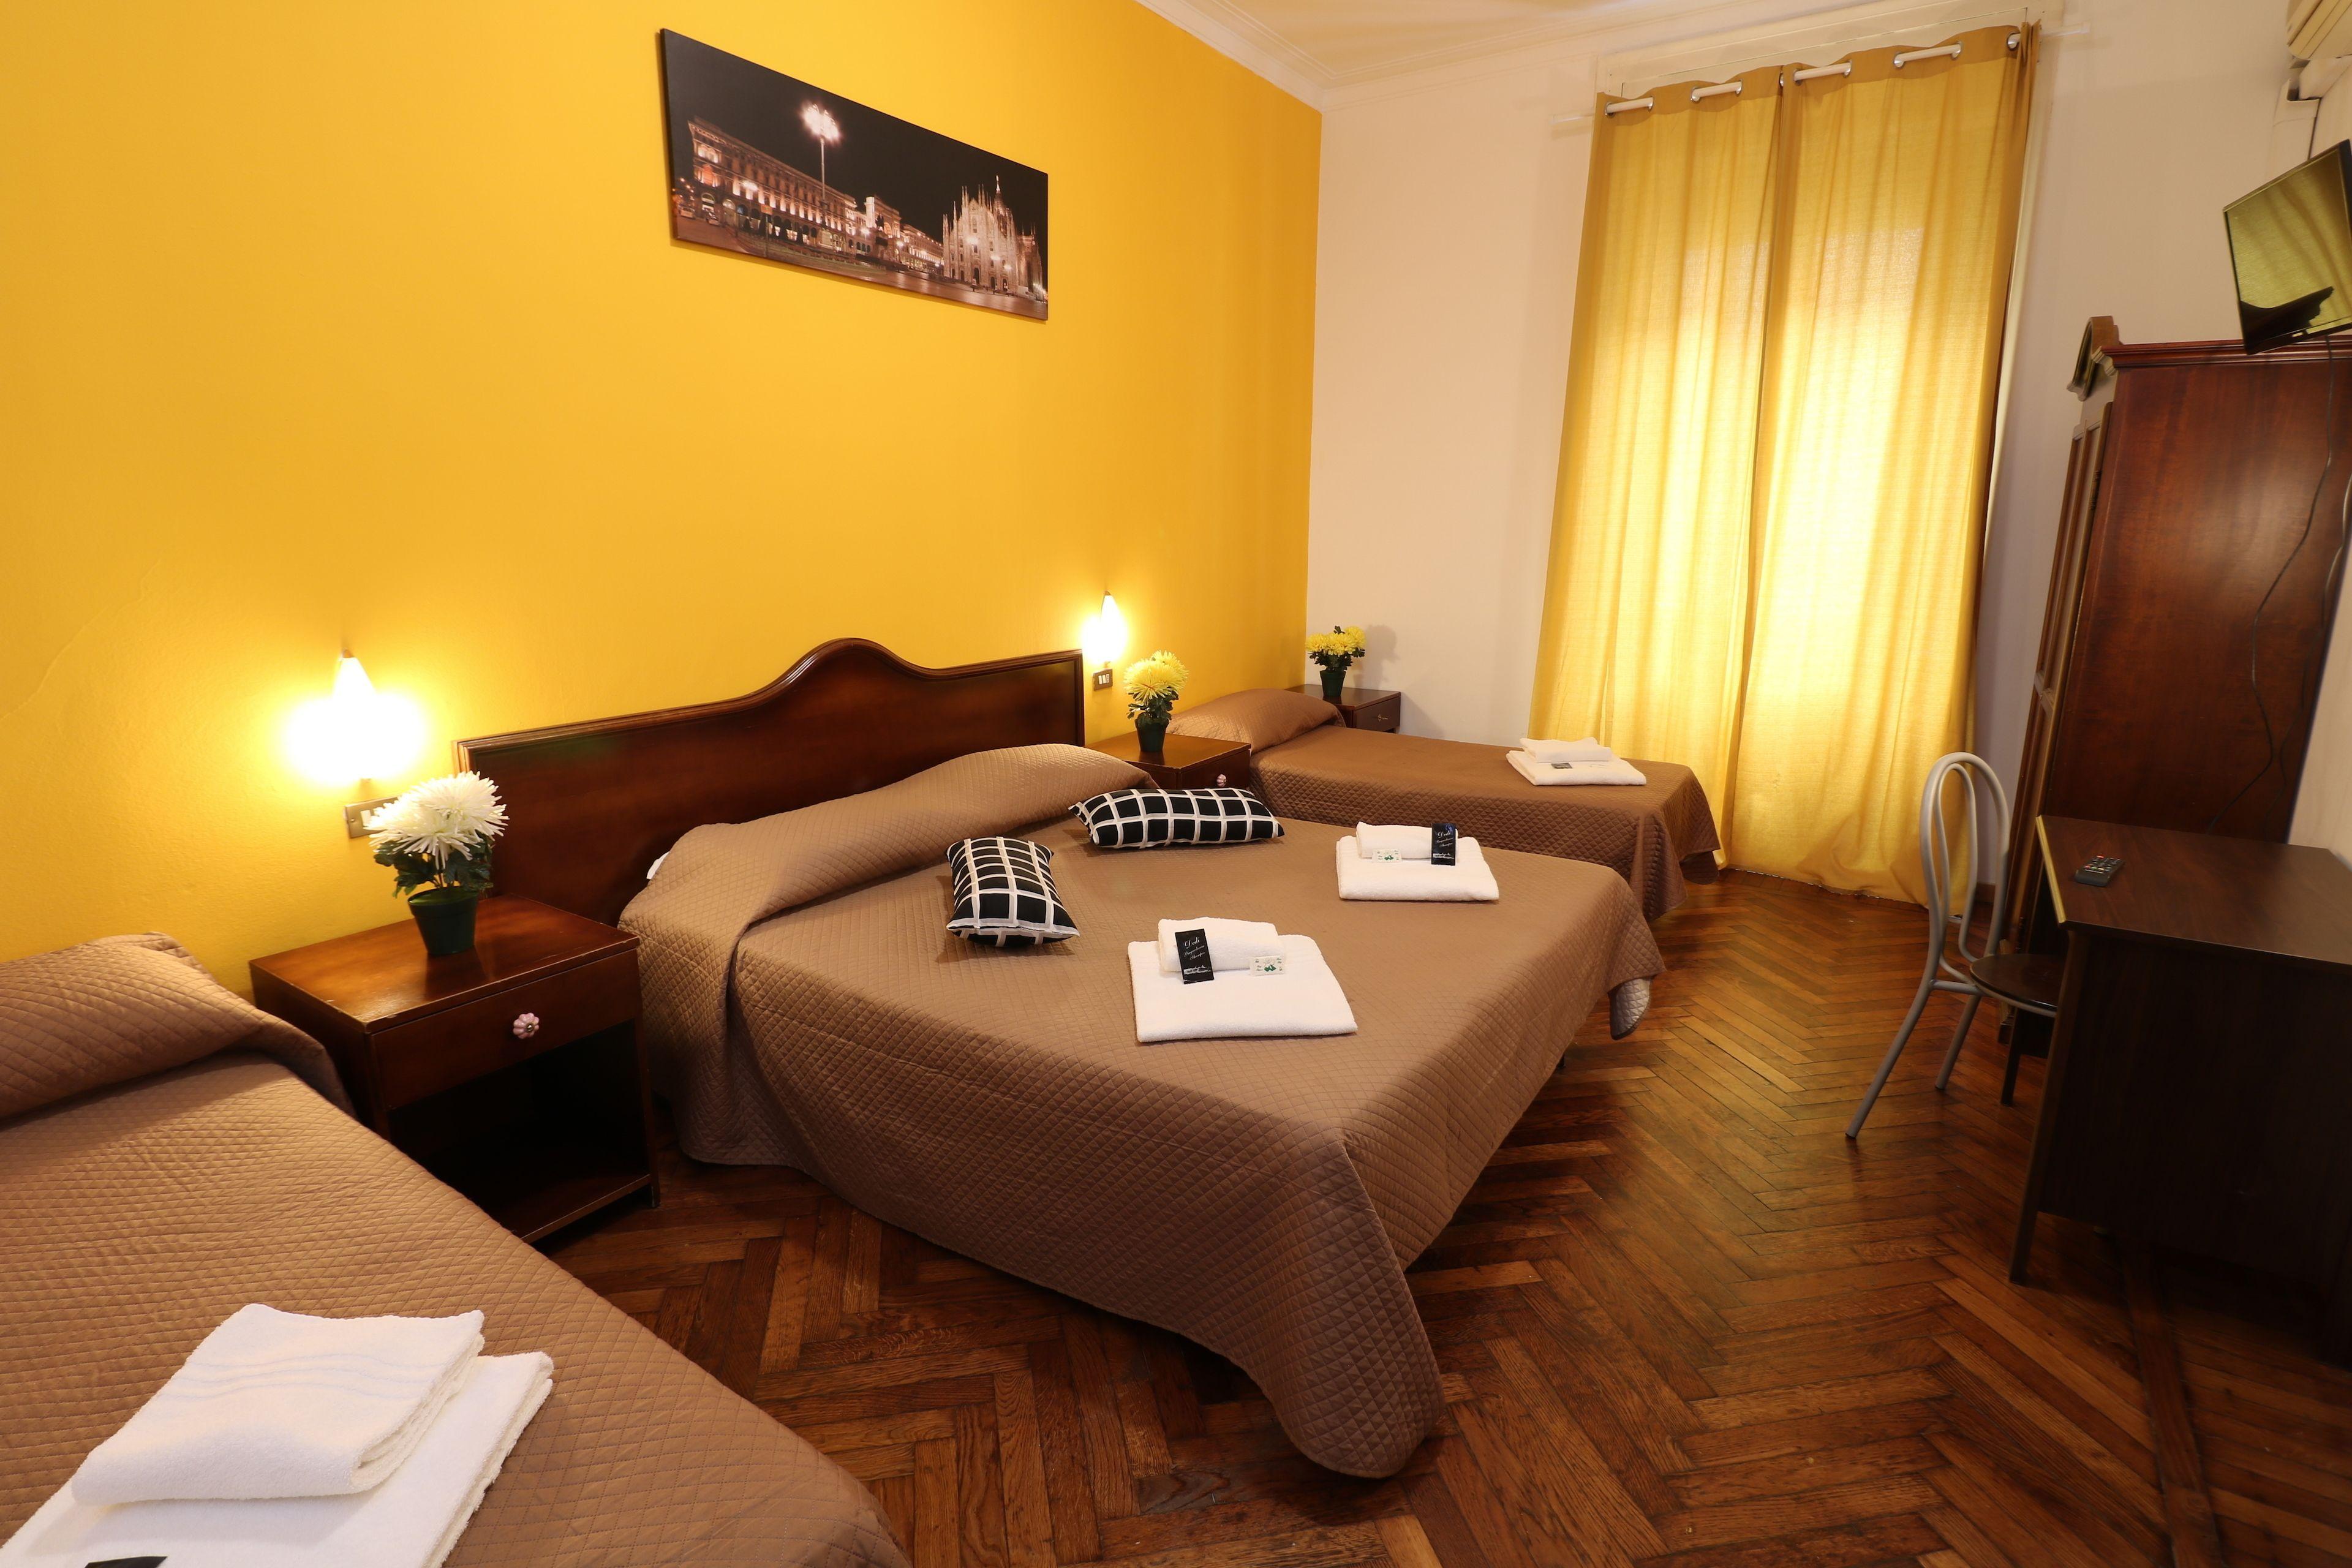 Hotel Carlo Goldoni